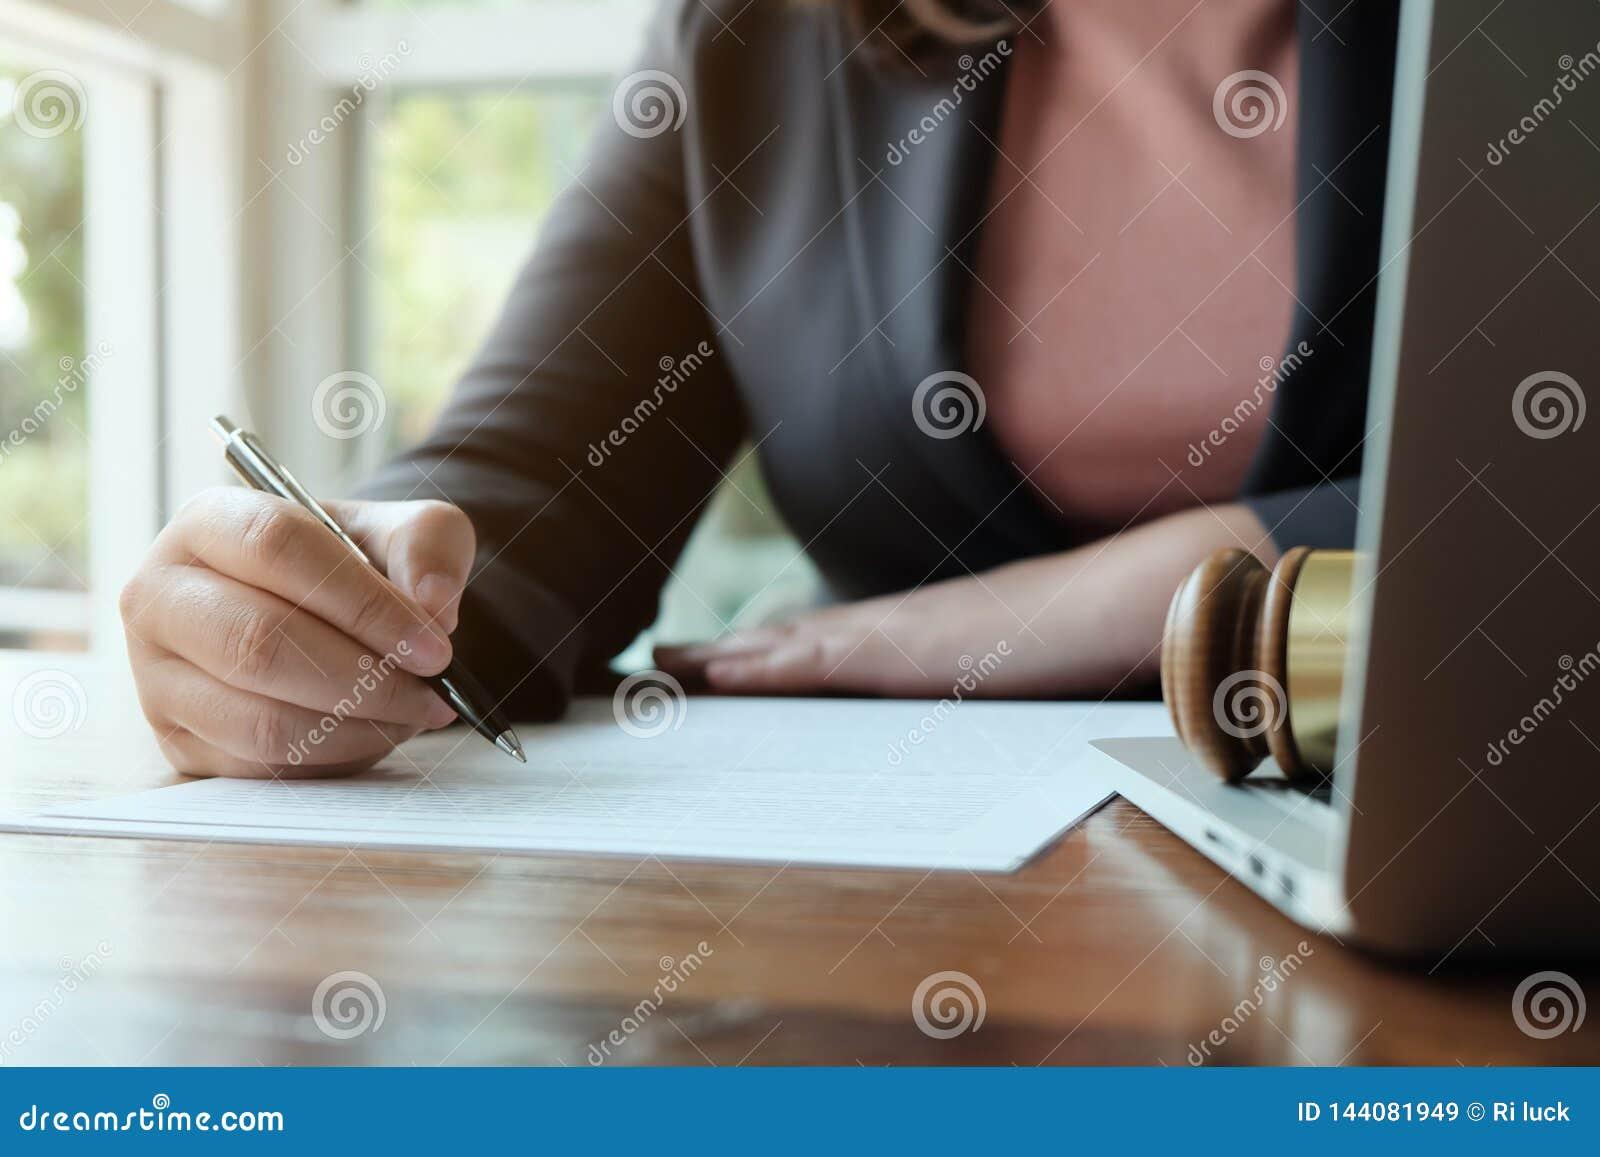 Ο νομικός σύμβουλος παρουσιάζει στον πελάτη μια υπογεγραμμένη σύμβαση με gavel και το νομικό νόμο δικαιοσύνη και νόμος δικηγόρων